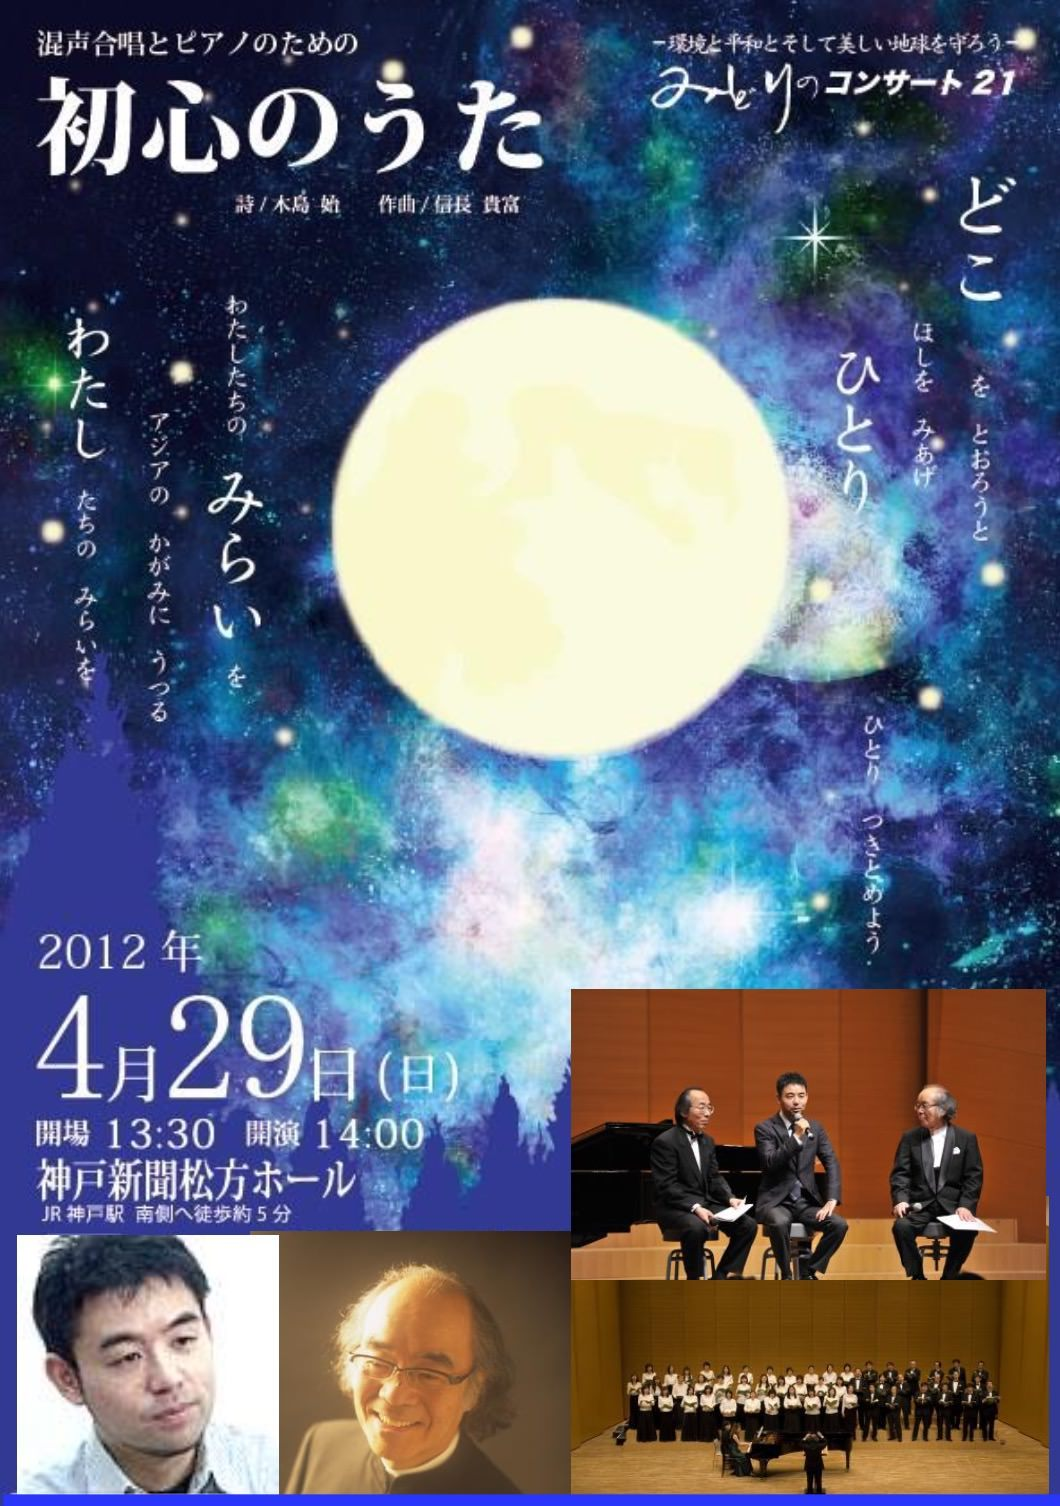 みどりのコンサート21 初心のうた(DVD)